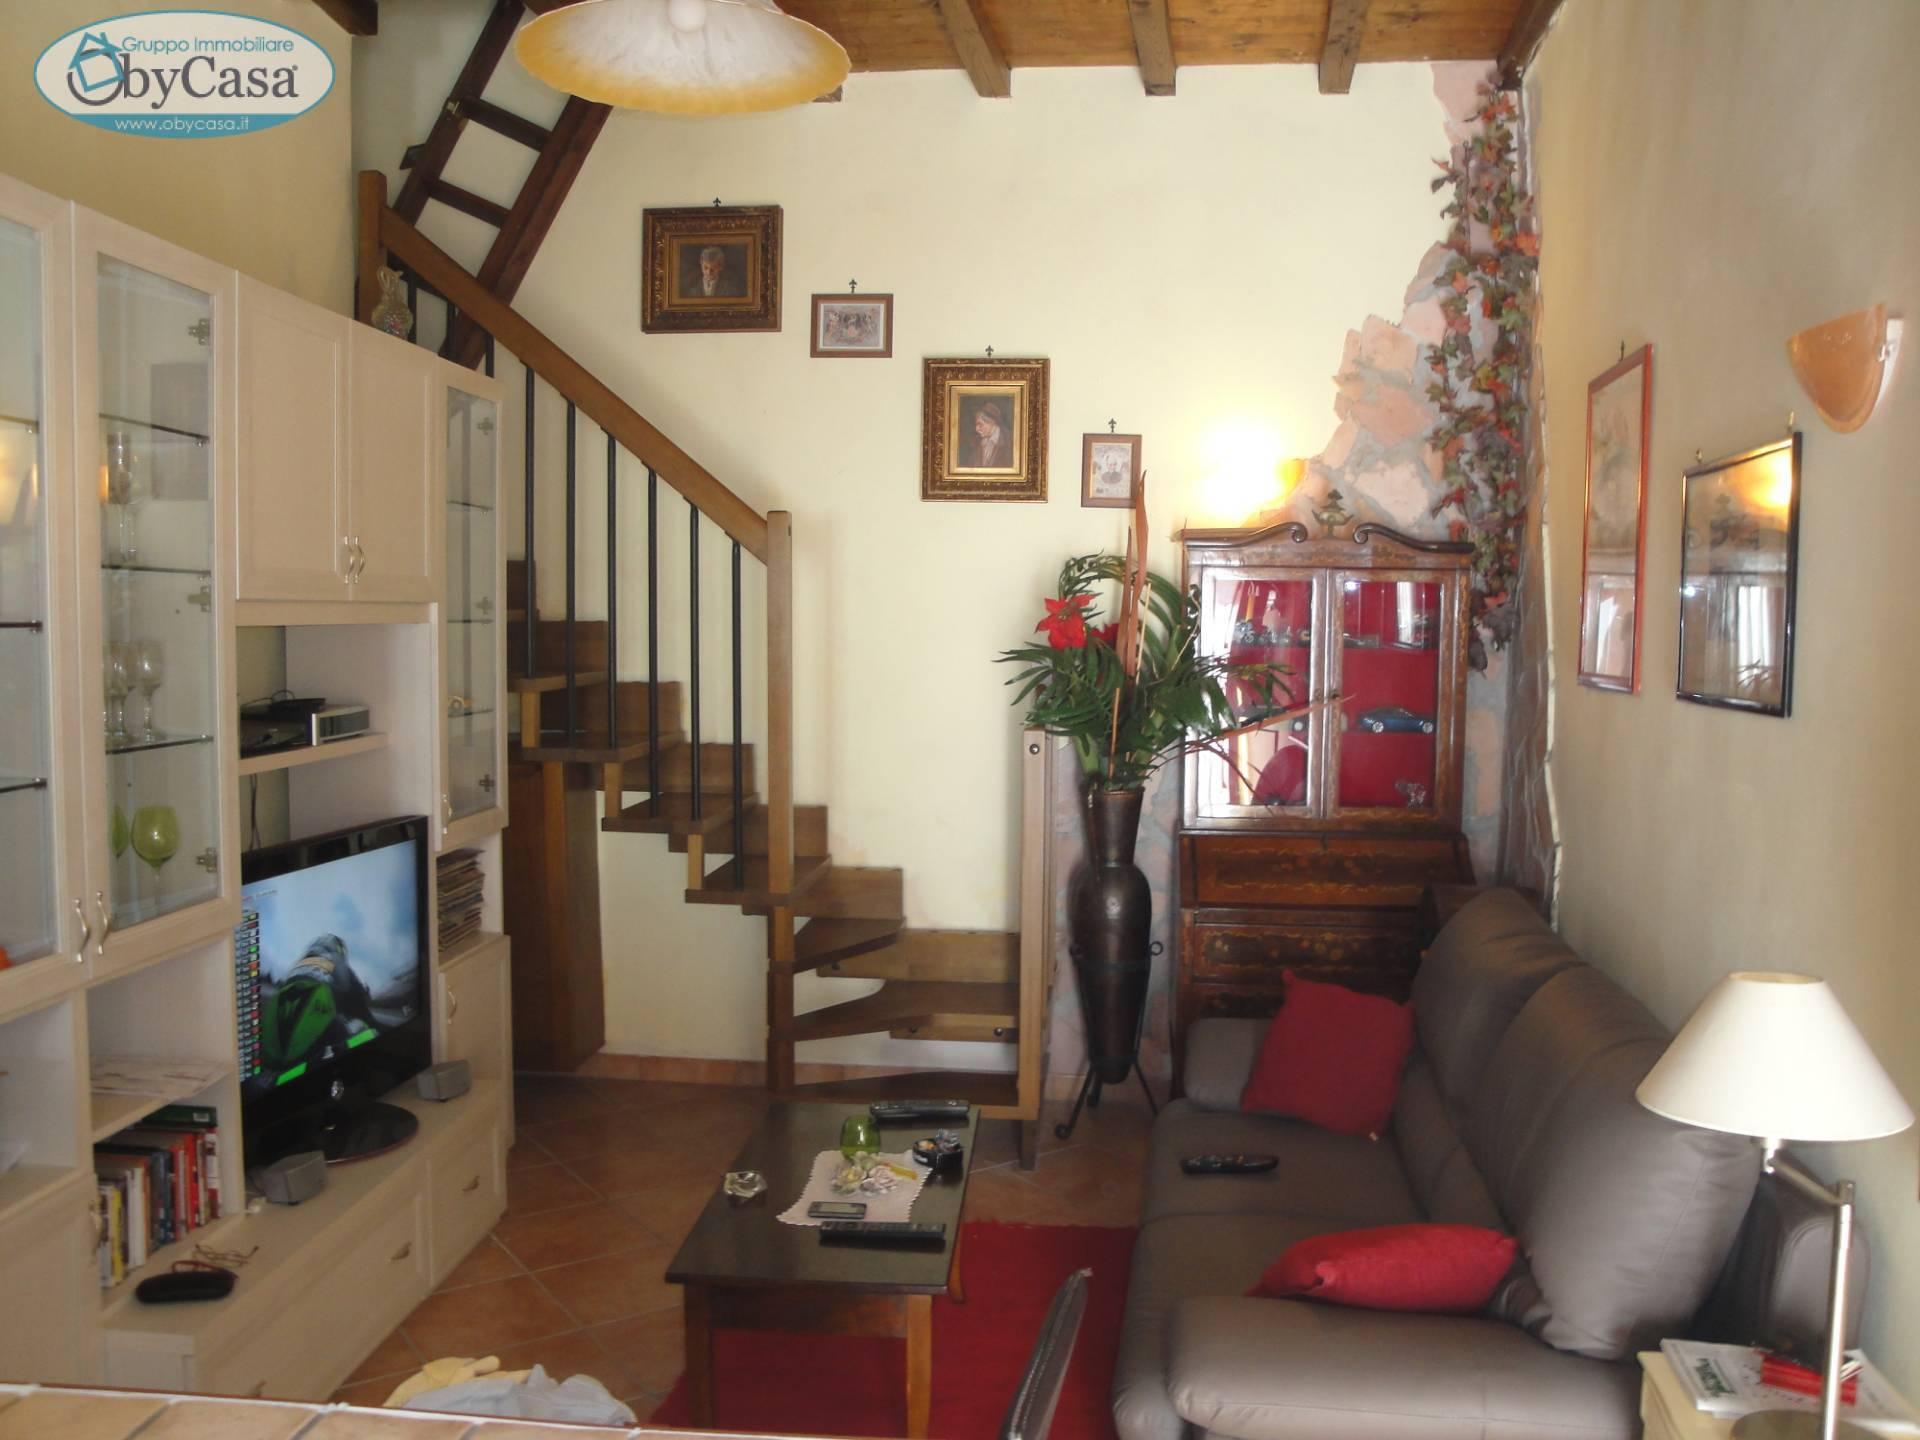 Soluzione Semindipendente in vendita a Bassano Romano, 3 locali, zona Località: bassanoromano, prezzo € 27.000 | CambioCasa.it